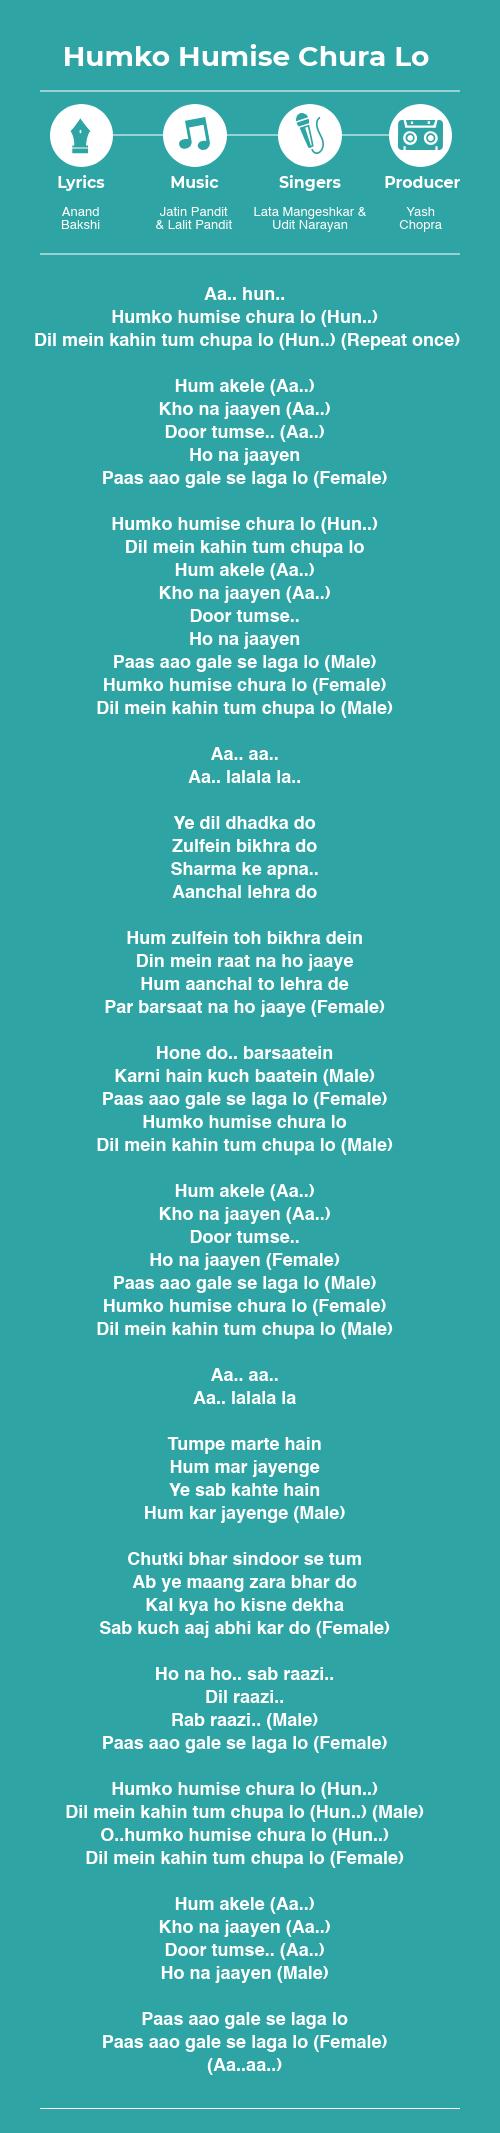 Humko Humise Chura Lo lyrics